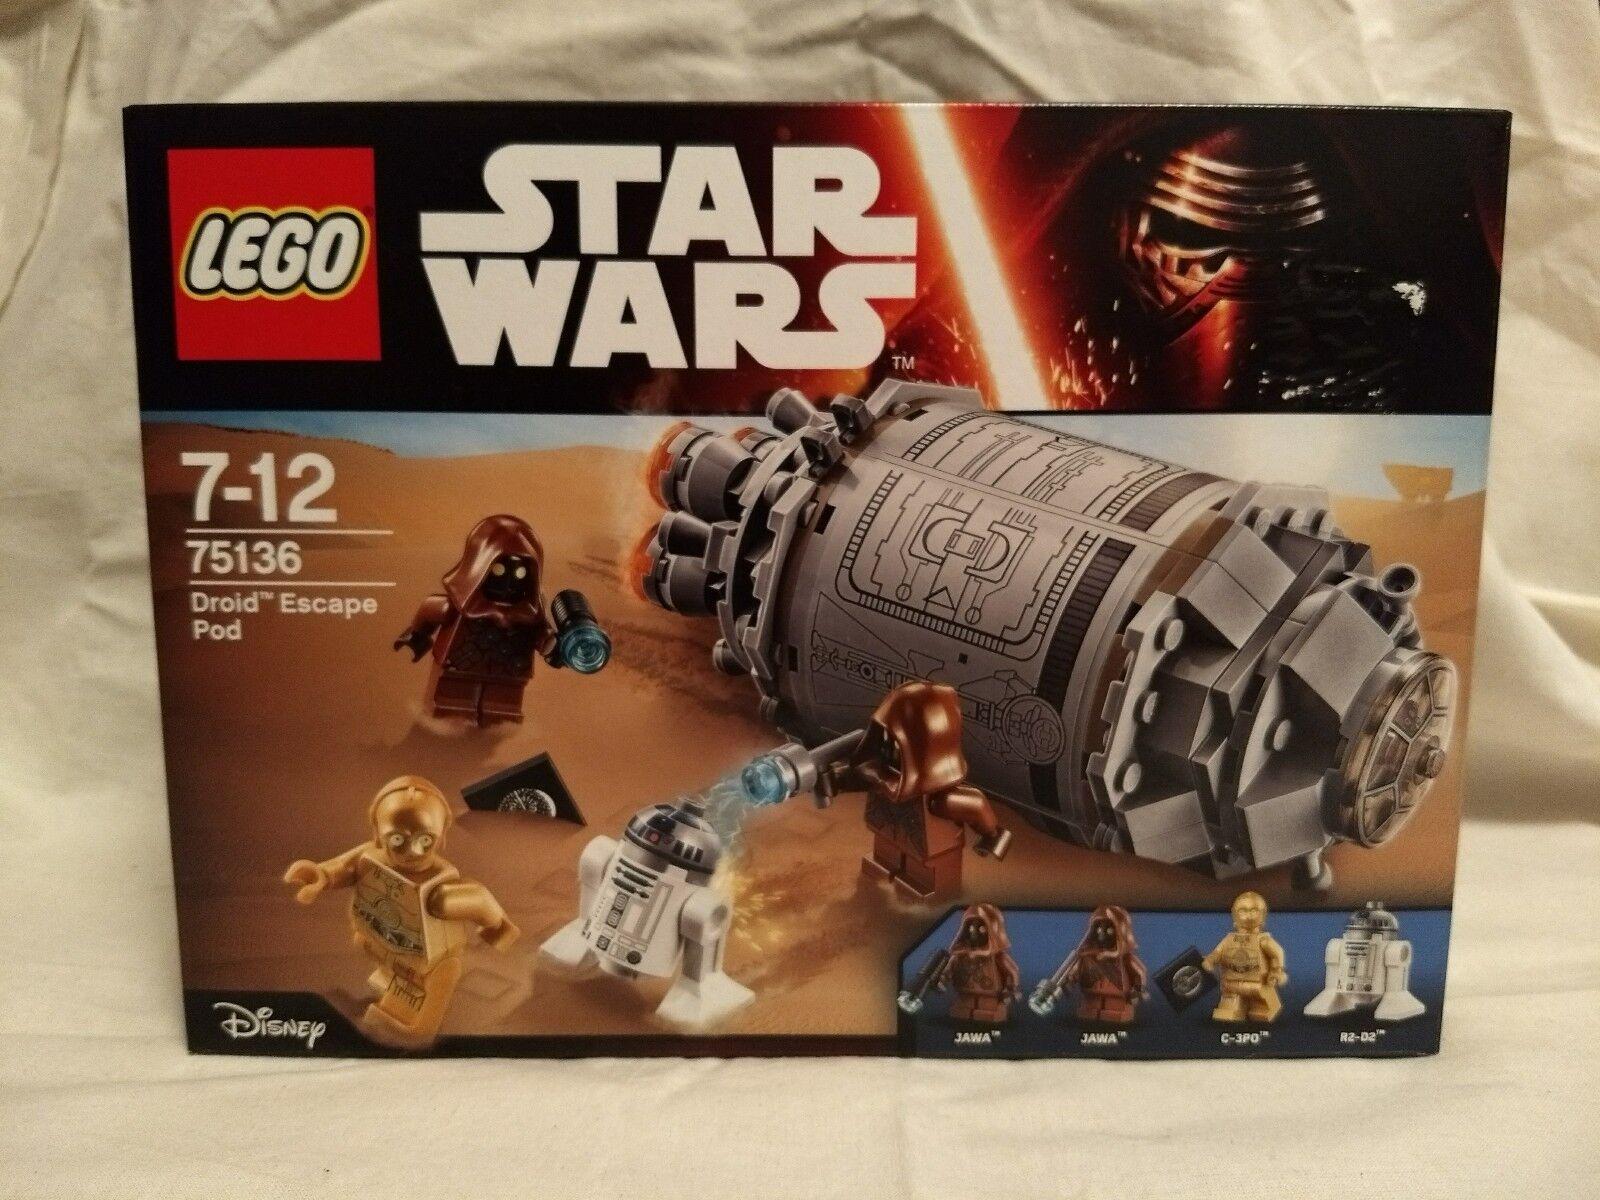 LEGO StarWars Droid Escape Pod (75136)